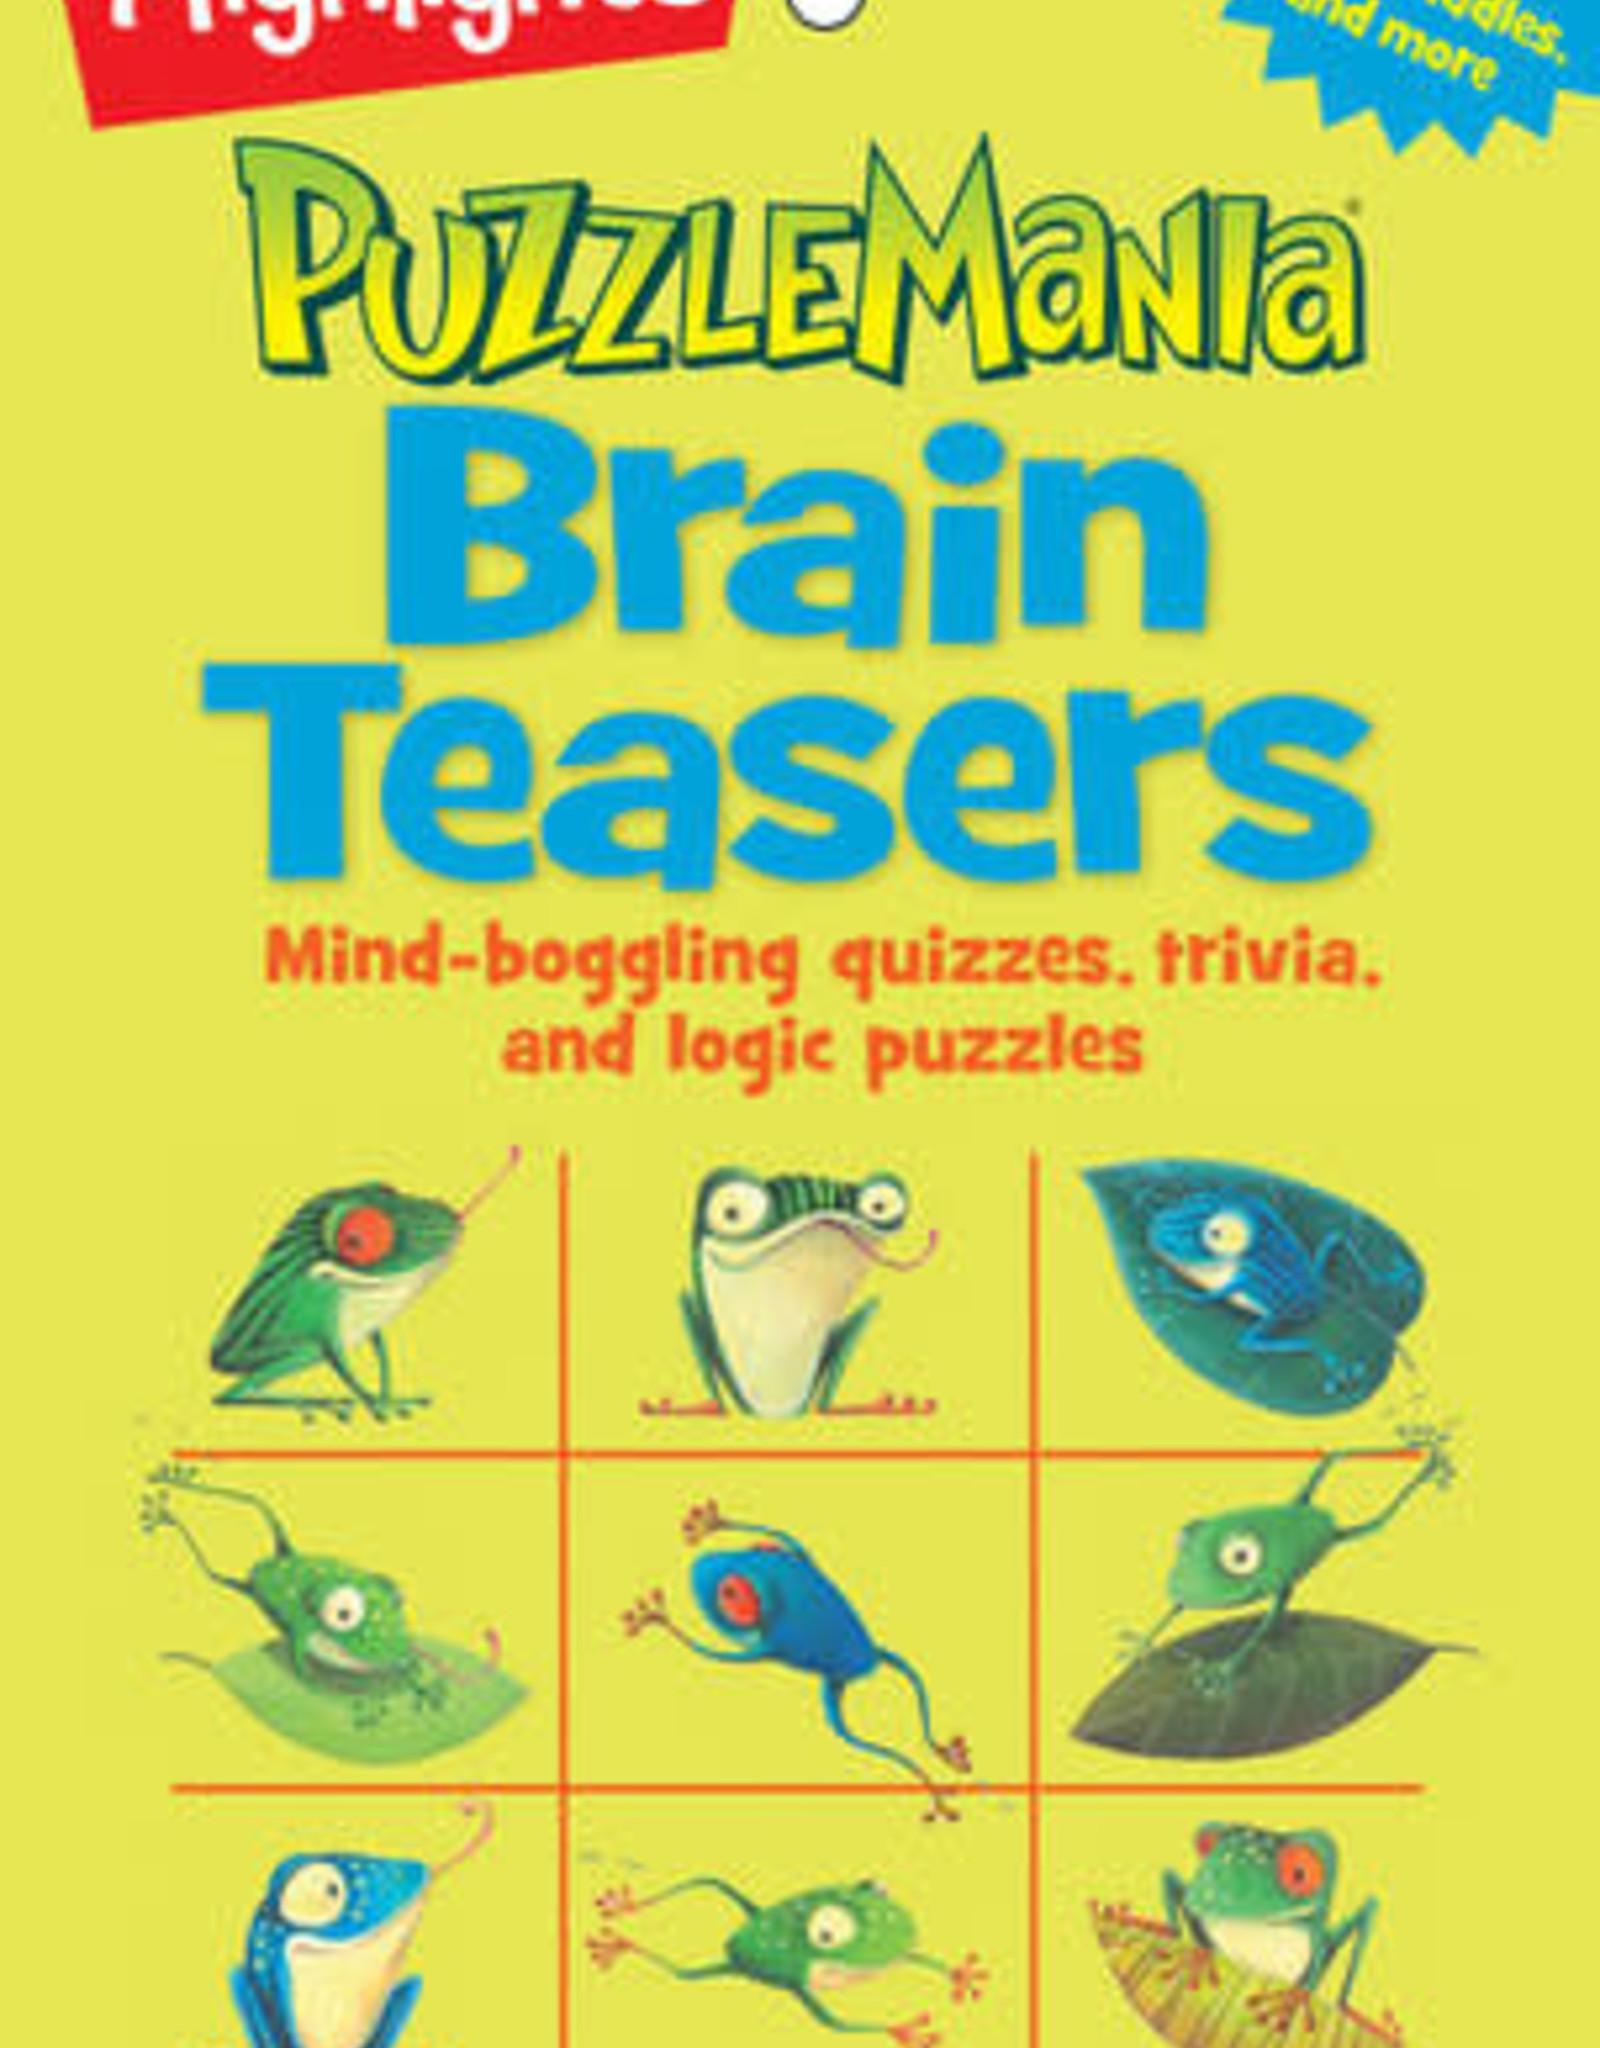 Highlights Brain Teasers